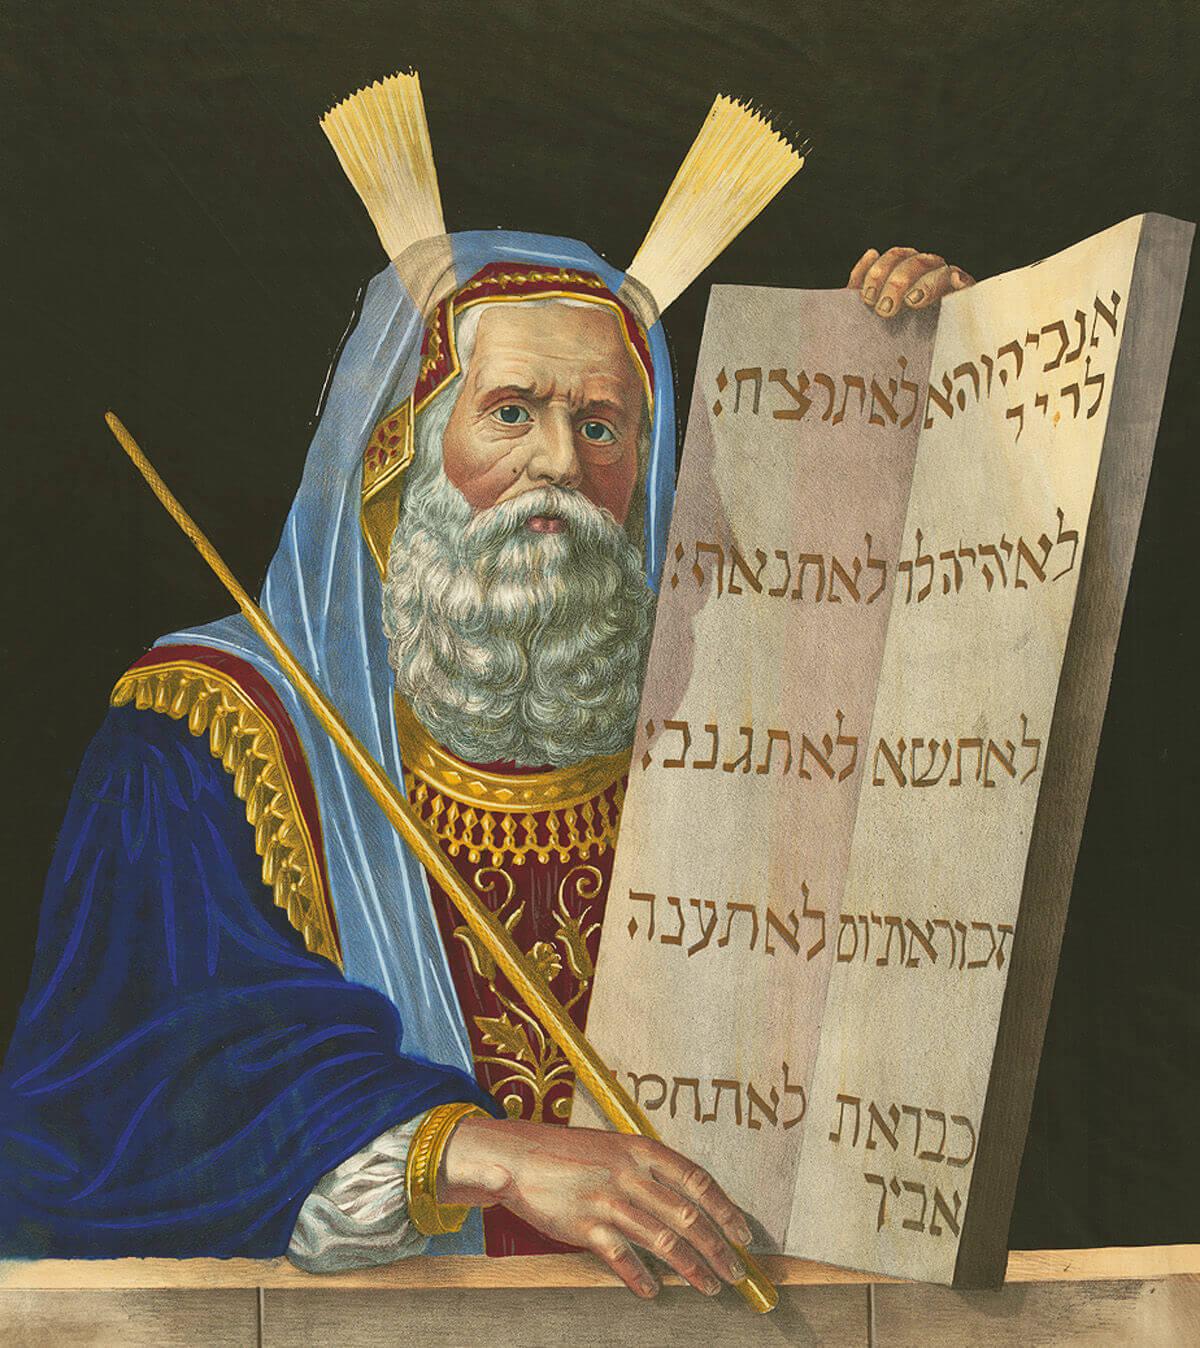 Моисей (XIII век до н.э.), еврейский пророк и законодатель, основоположник иудаизма. Раскрашенная гравюра